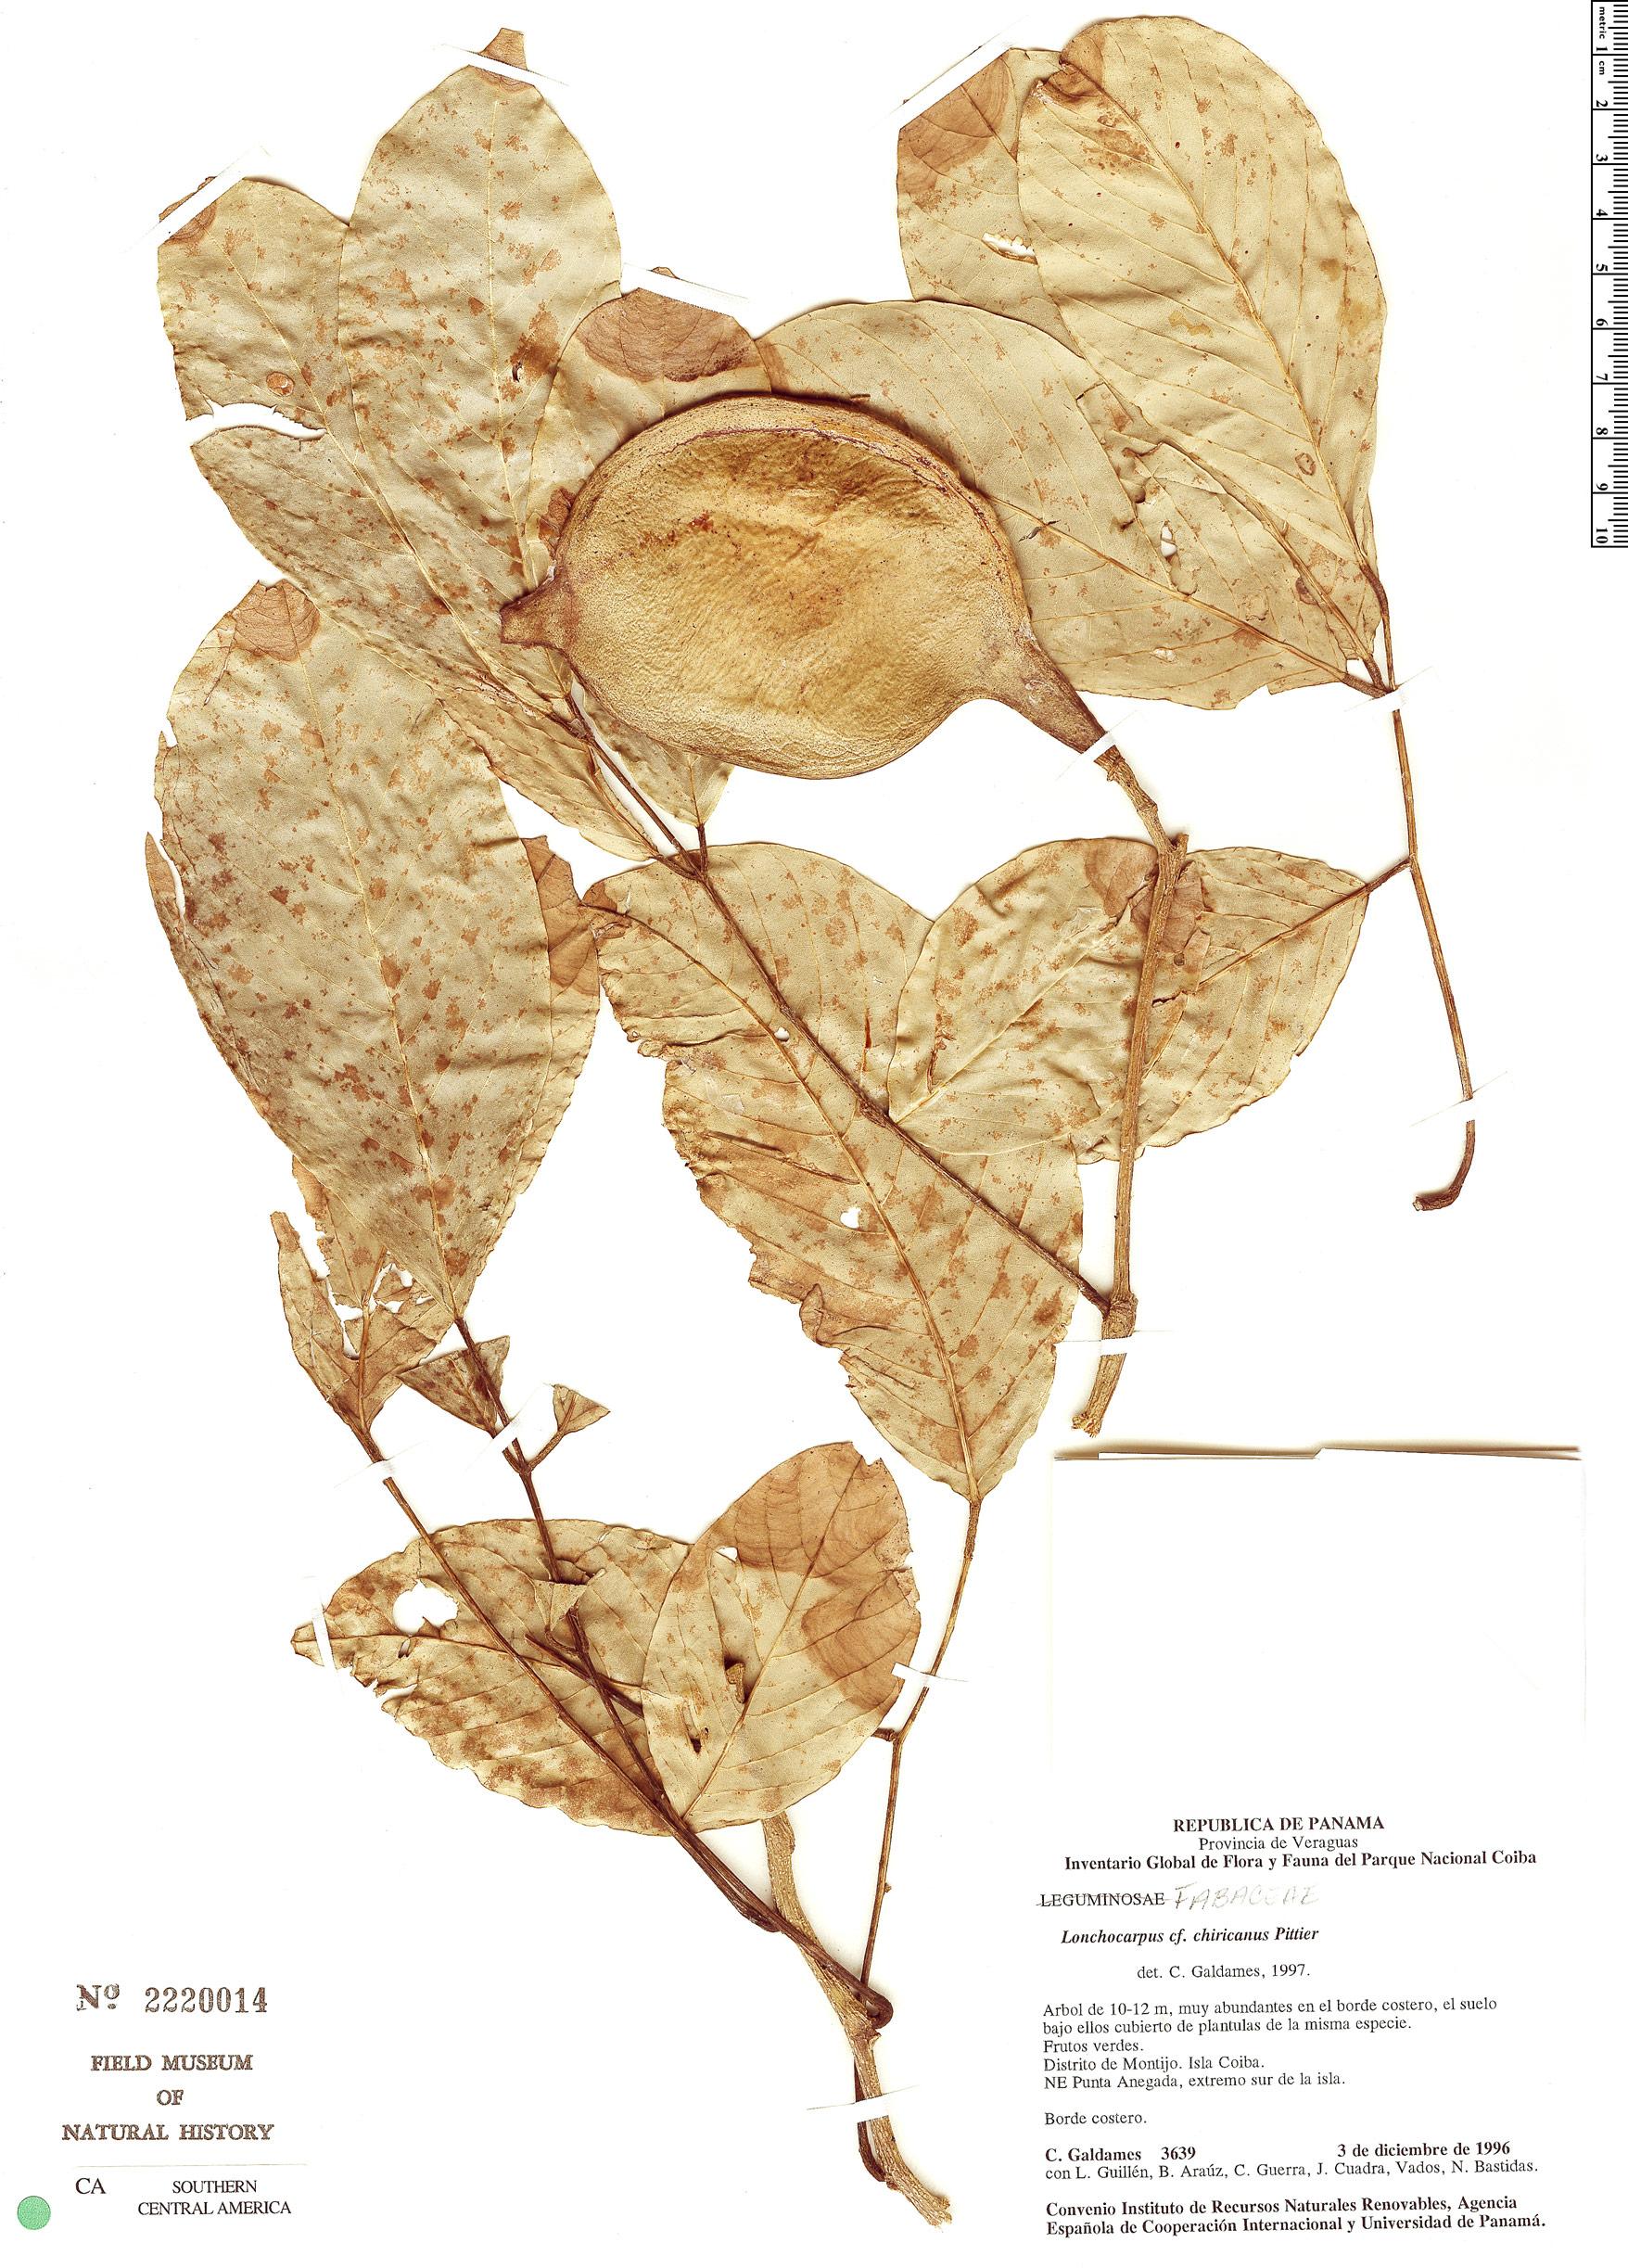 Specimen: Lonchocarpus chiricanus